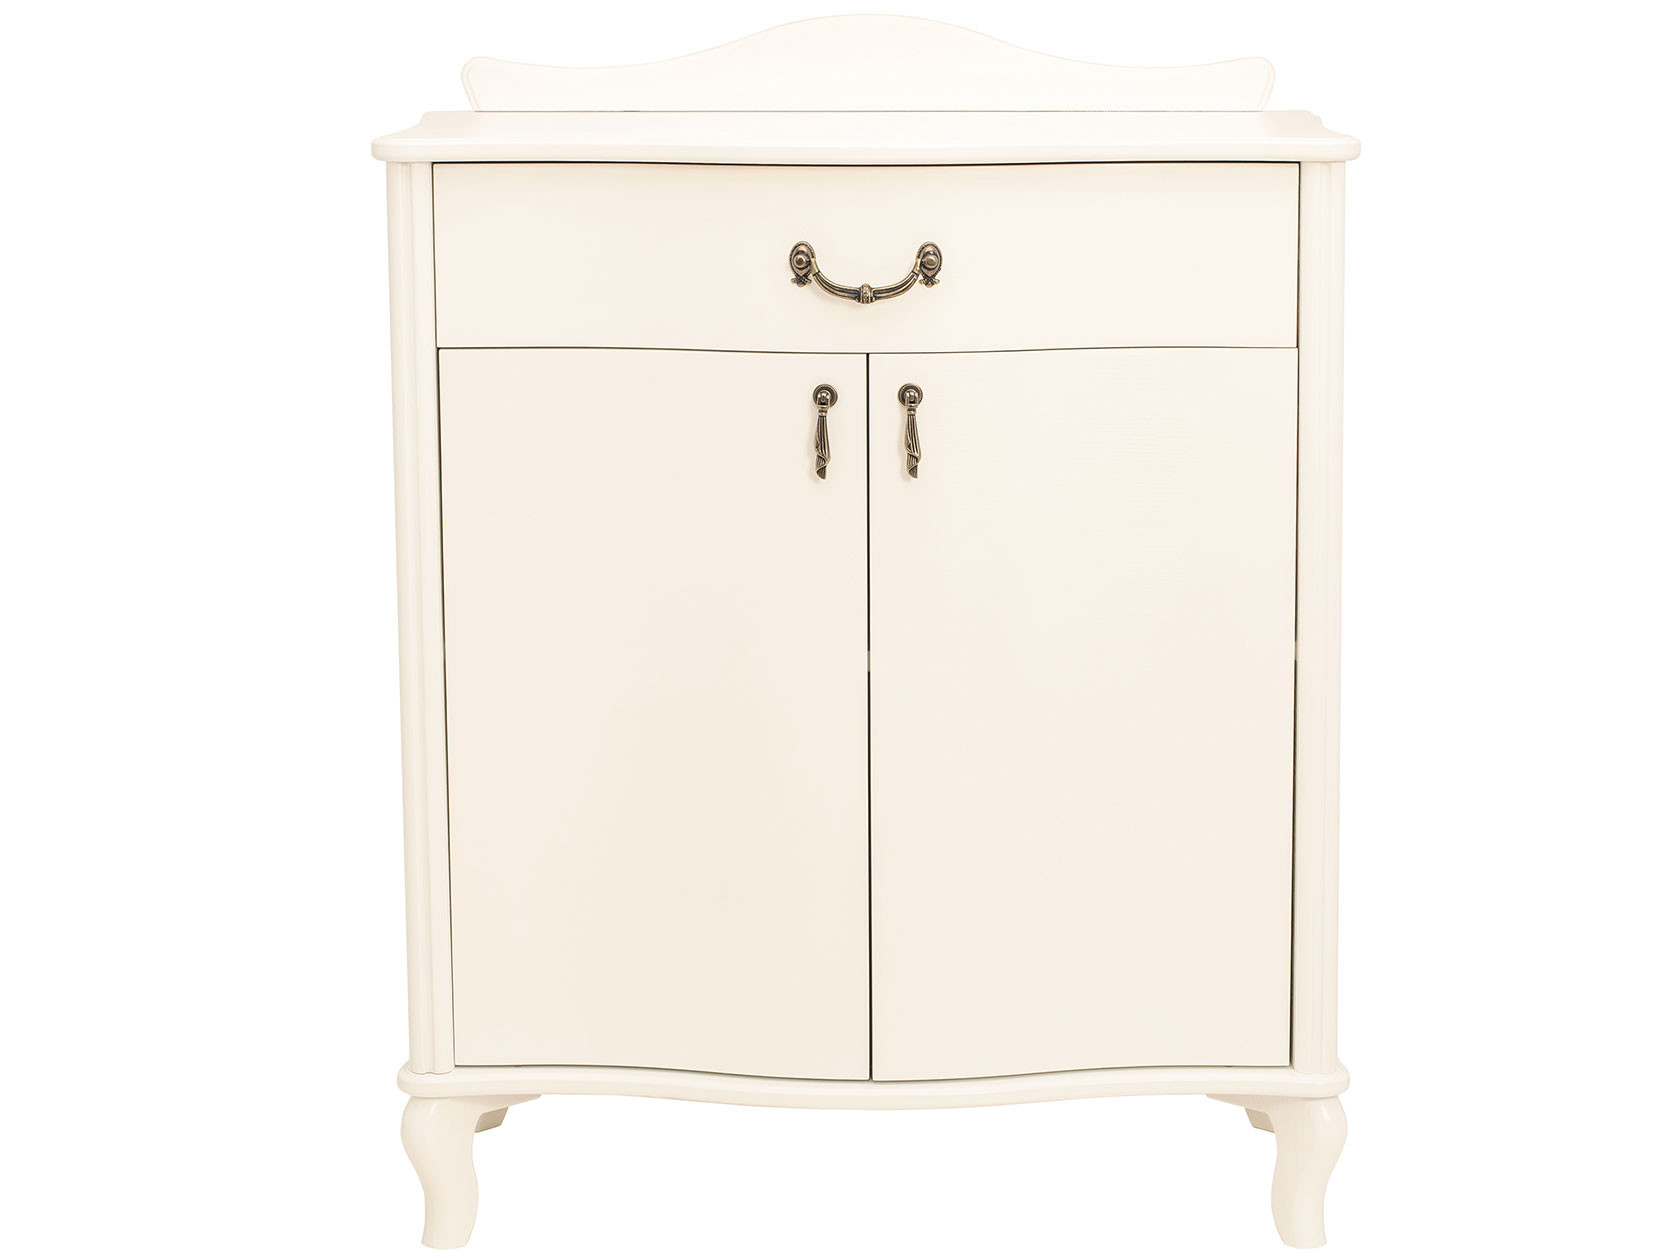 Комод Первый Мебельный Комод Джульетта с распашными дверцами комод первый мебельный комод диана